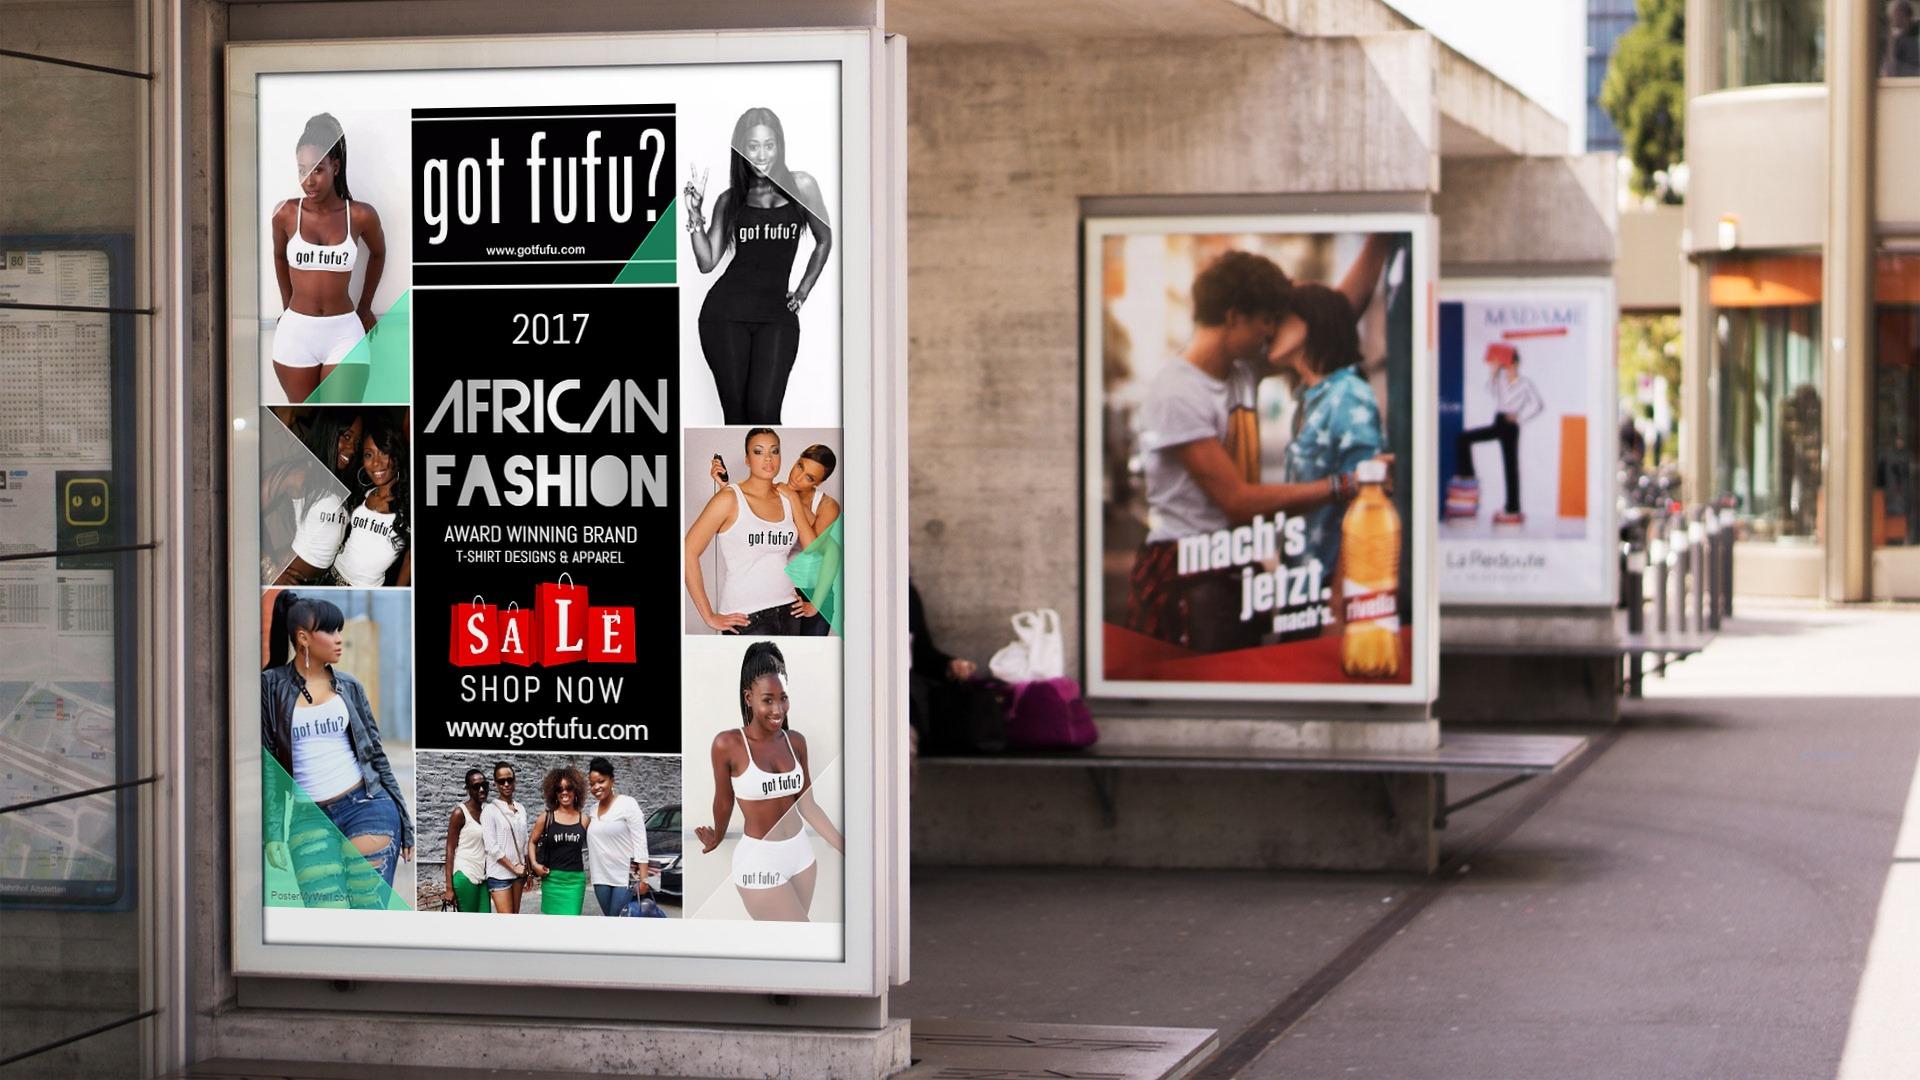 GOT FUFU - Mockup Sign